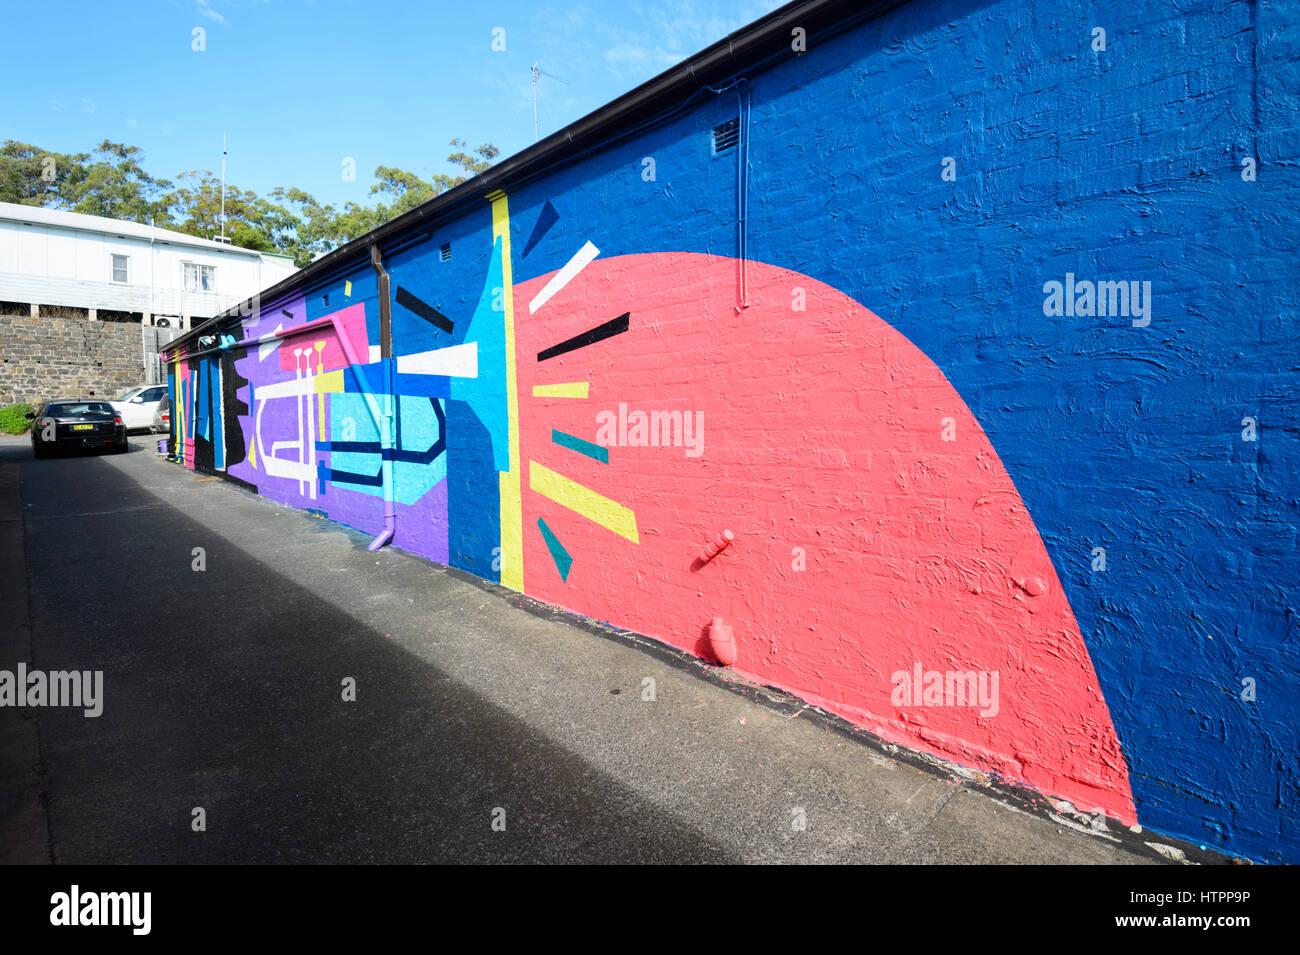 Wandbild auf einem Gebäude in einer Seitenstraße, Kiama, Illawarra Coast, New-South.Wales, NSW, Australien Stockbild